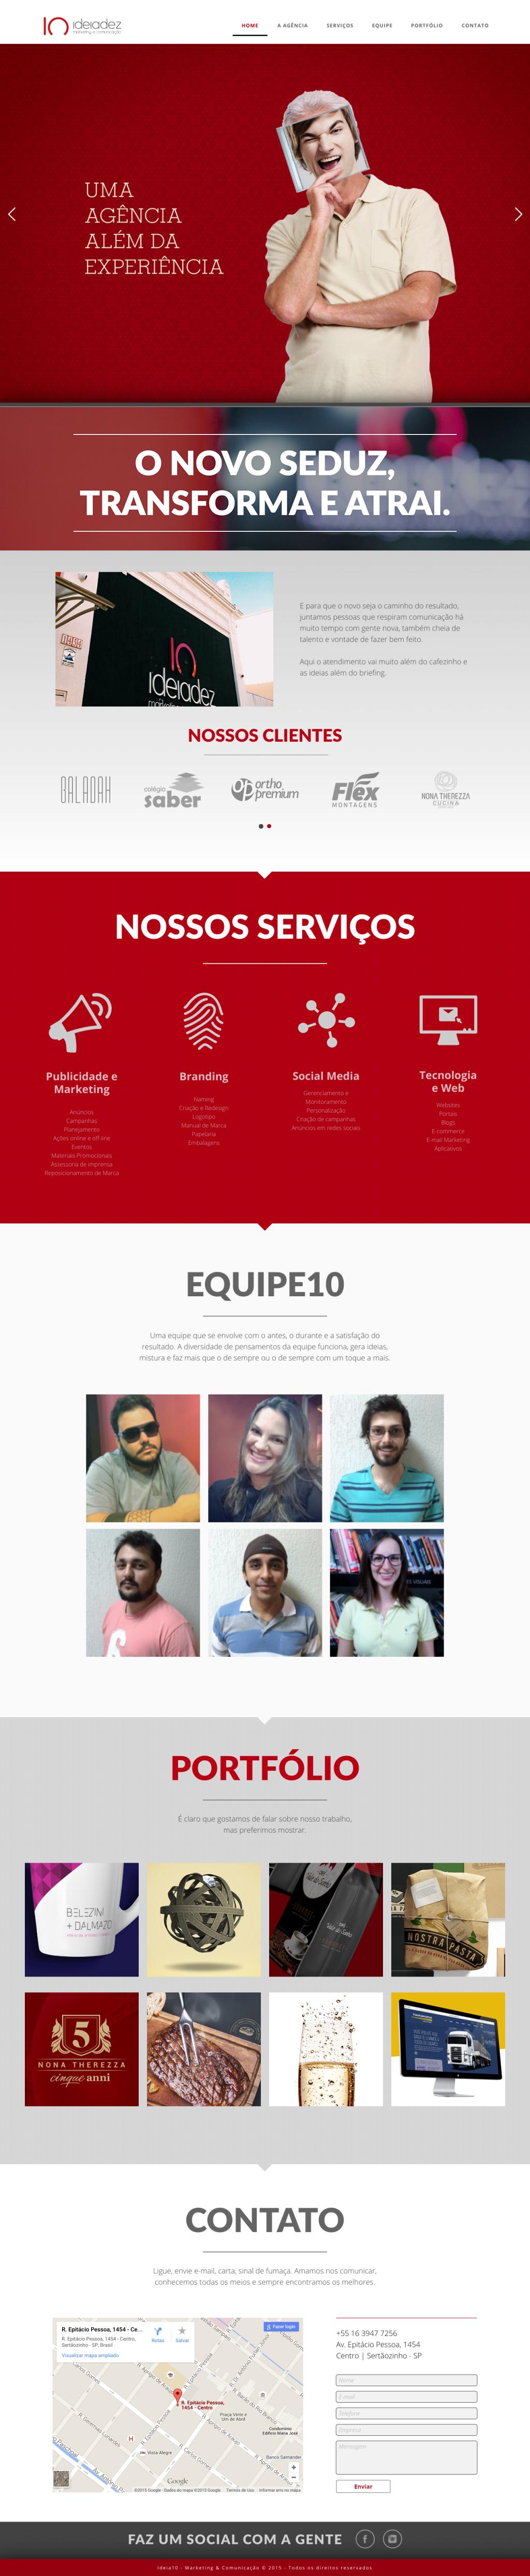 Website Ideia10 Layout agency agencia publicidade Propaganda marketing   portfolio Sertãozinho